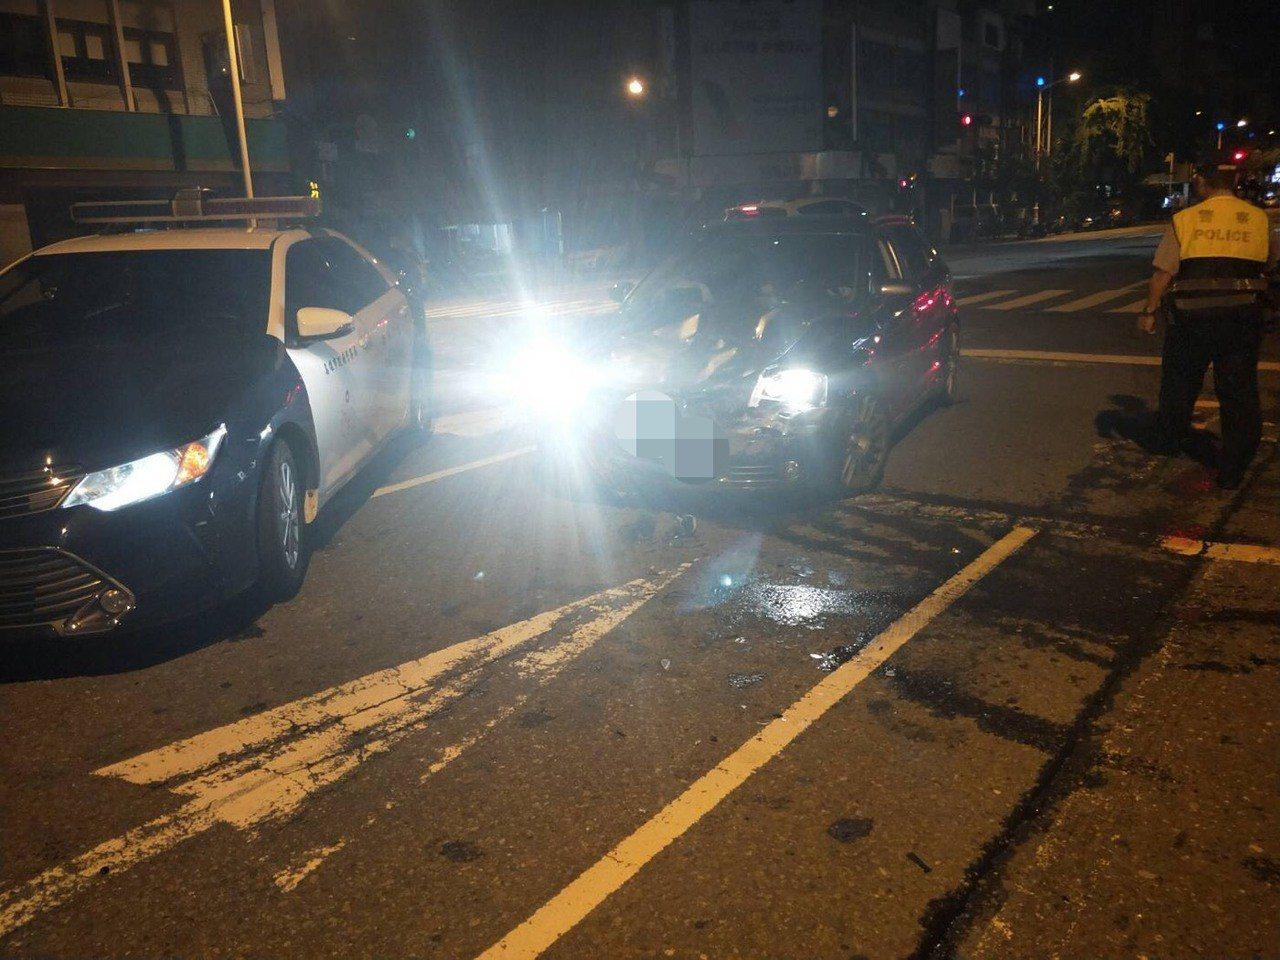 吳駕駛的奧迪車頭被撞爛、安全氣囊爆開。記者張媛榆/翻攝